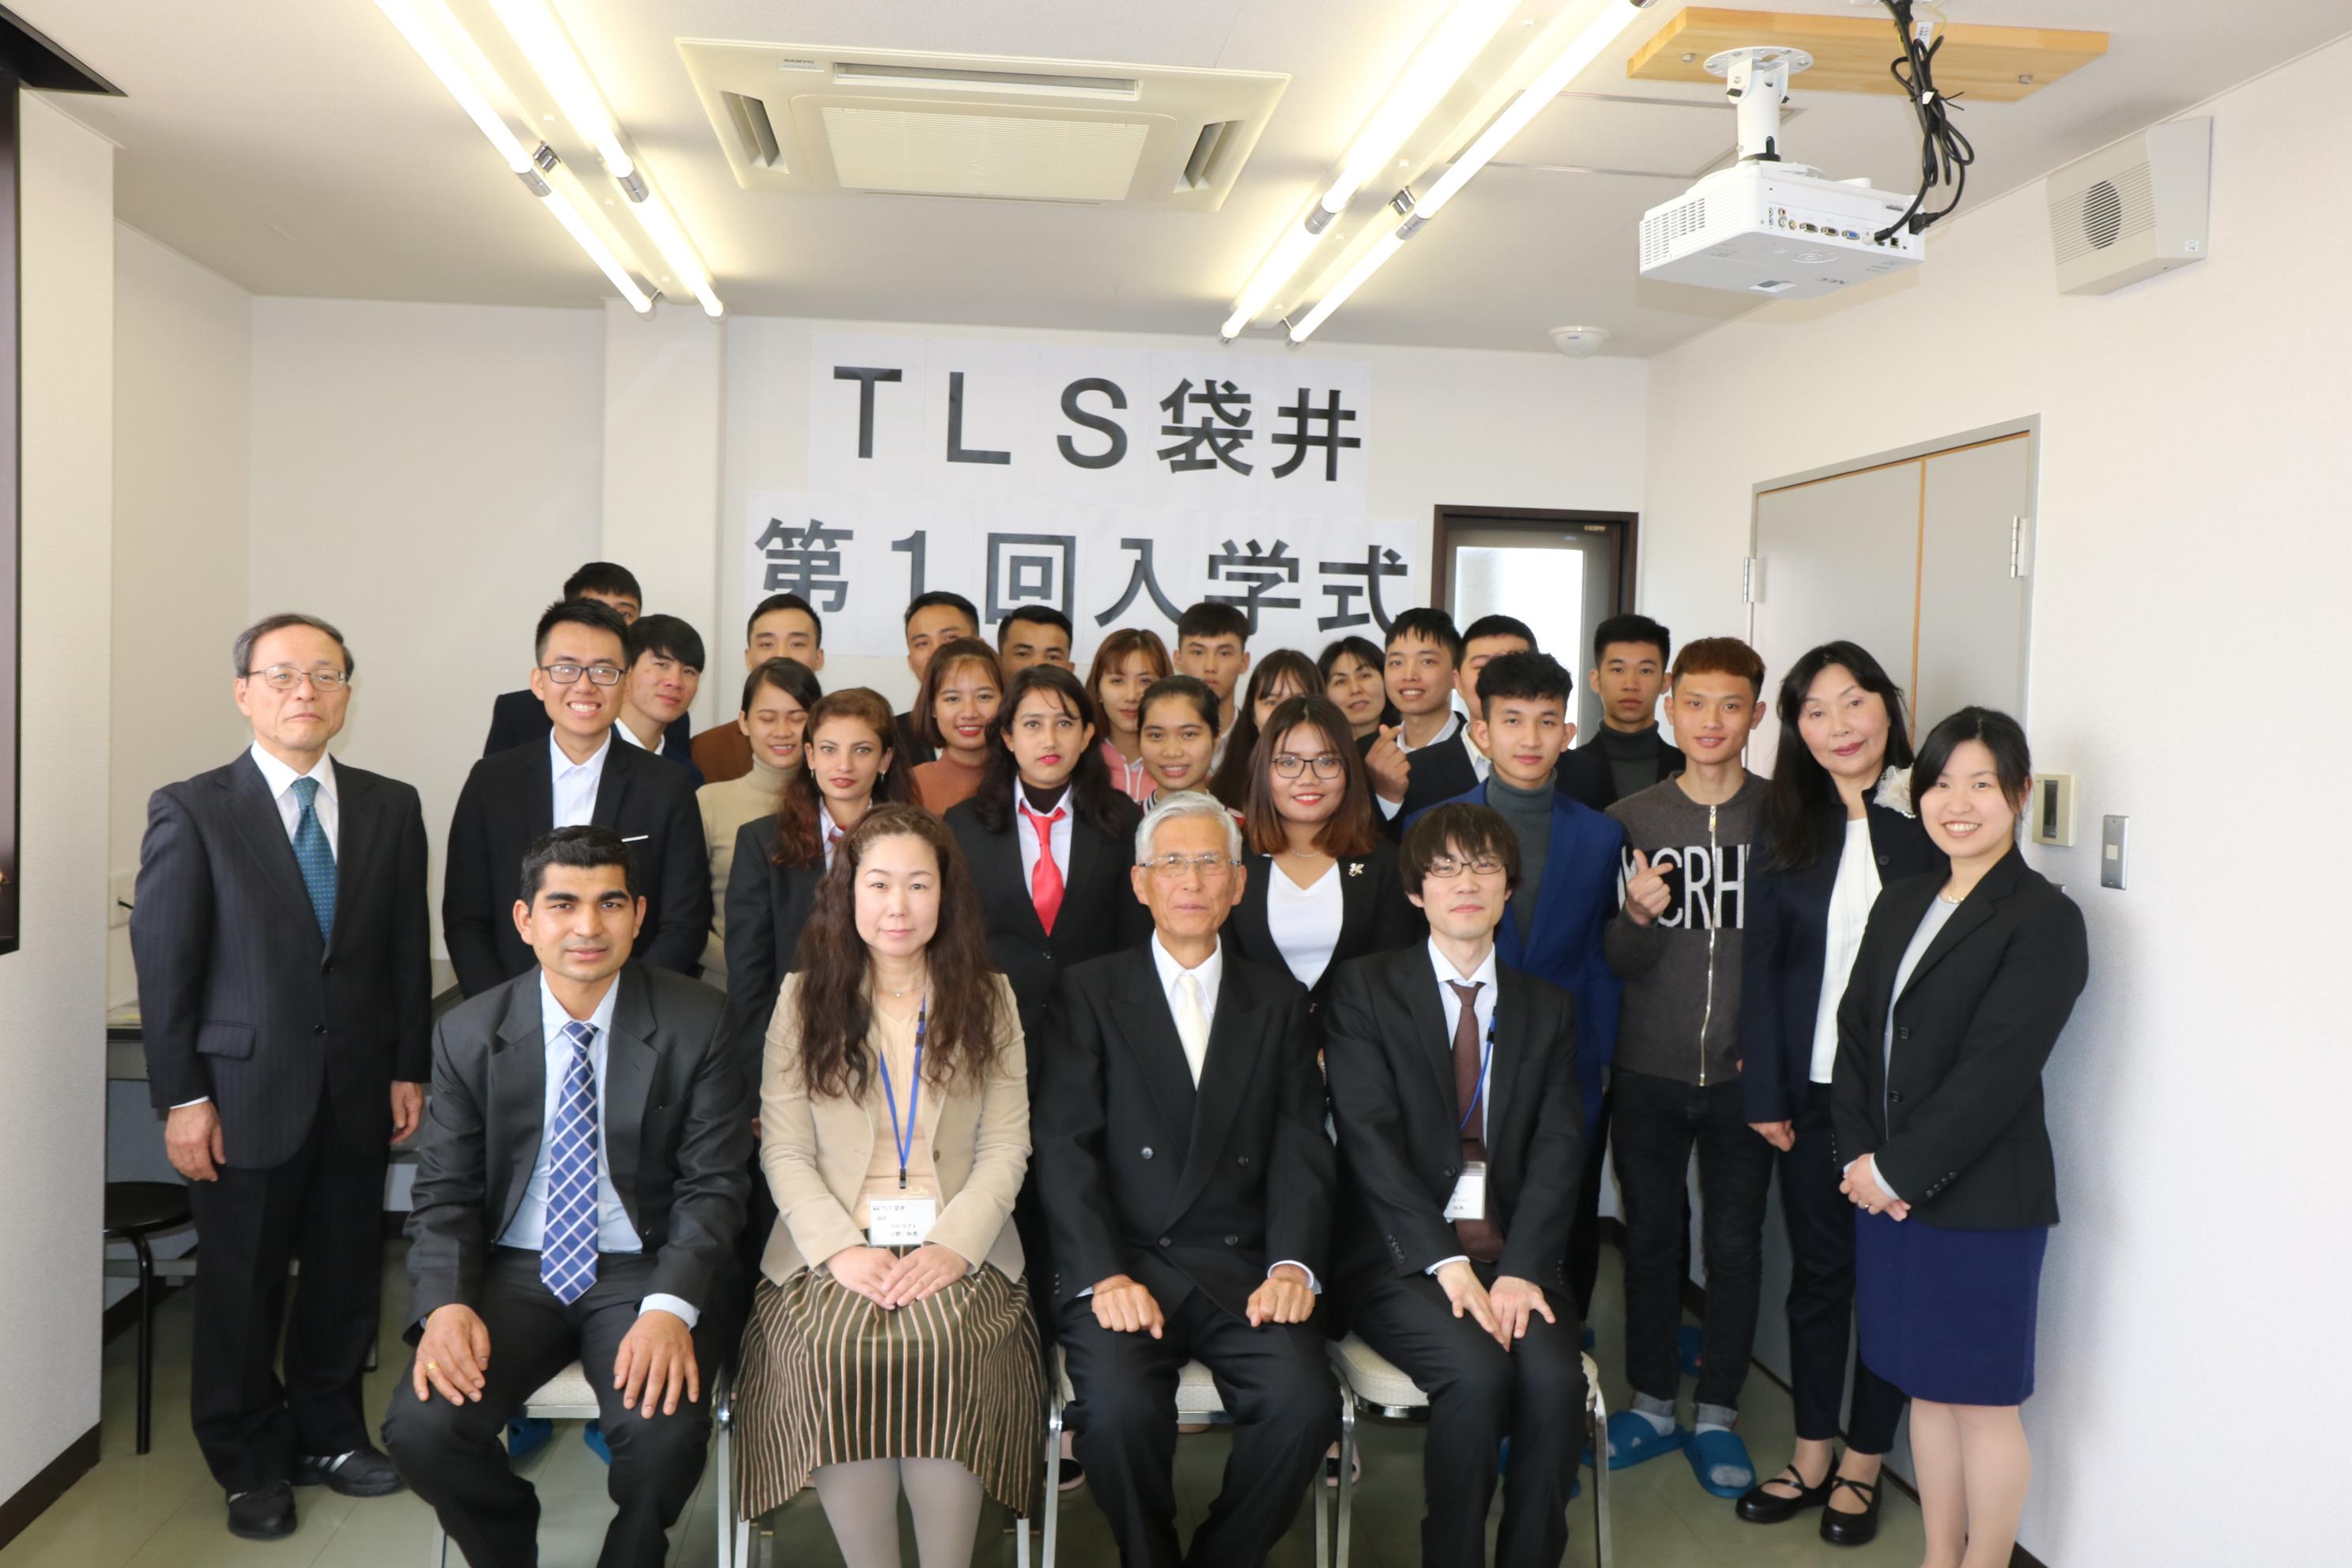 Du Học Sinh Yano Nhập Học Tại Trường TLS FUKUROI